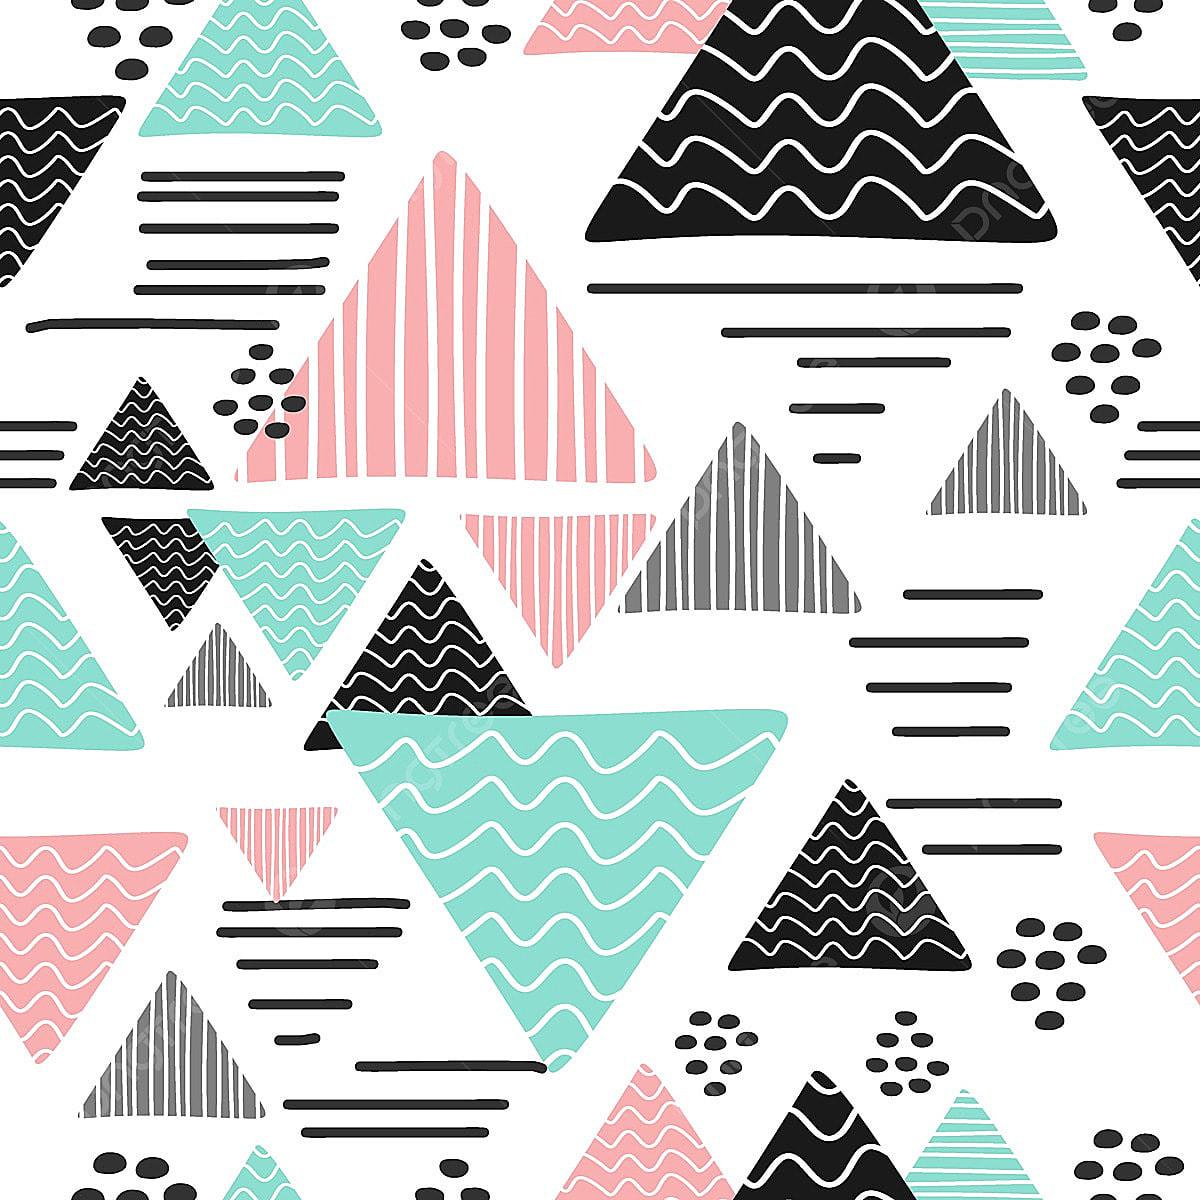 memphis hipster triangle r u00e9sum u00e9 pu u00e9ril dessin style tendance r u00e9sum u00e9 art contexte png et vecteur